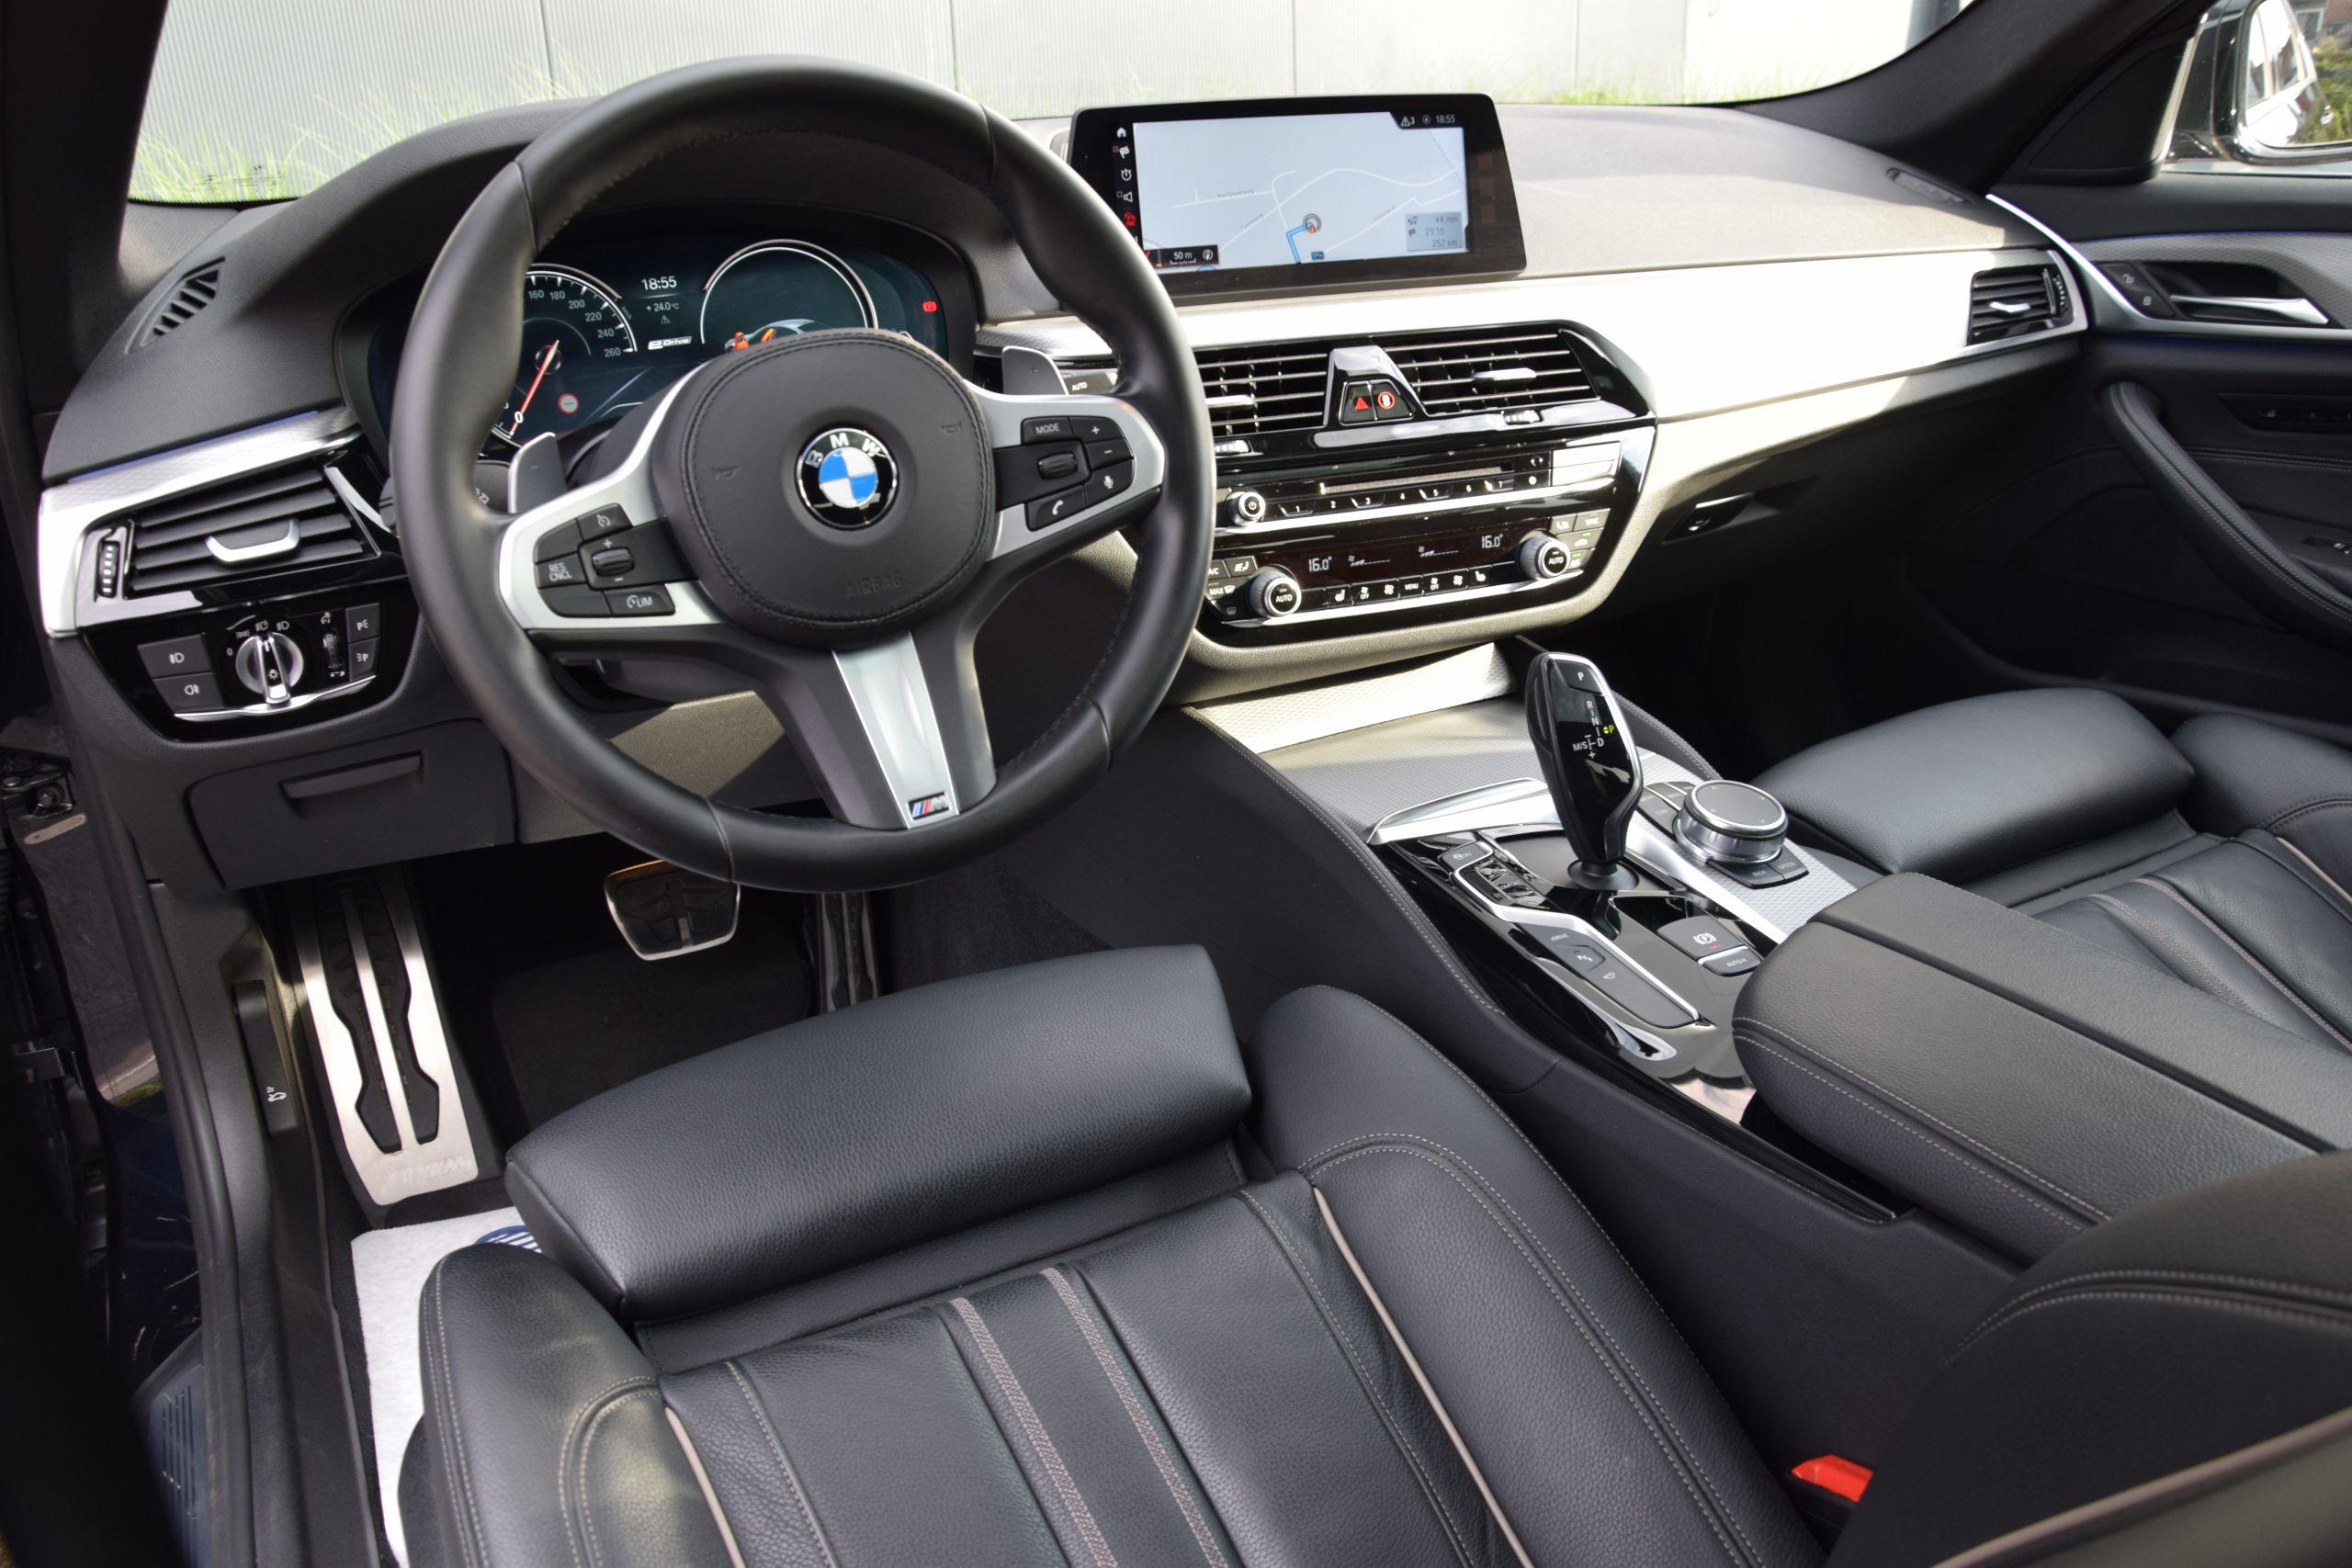 BMW 530e Hybride M-Sportpakket 06/2018 – Full Option!!